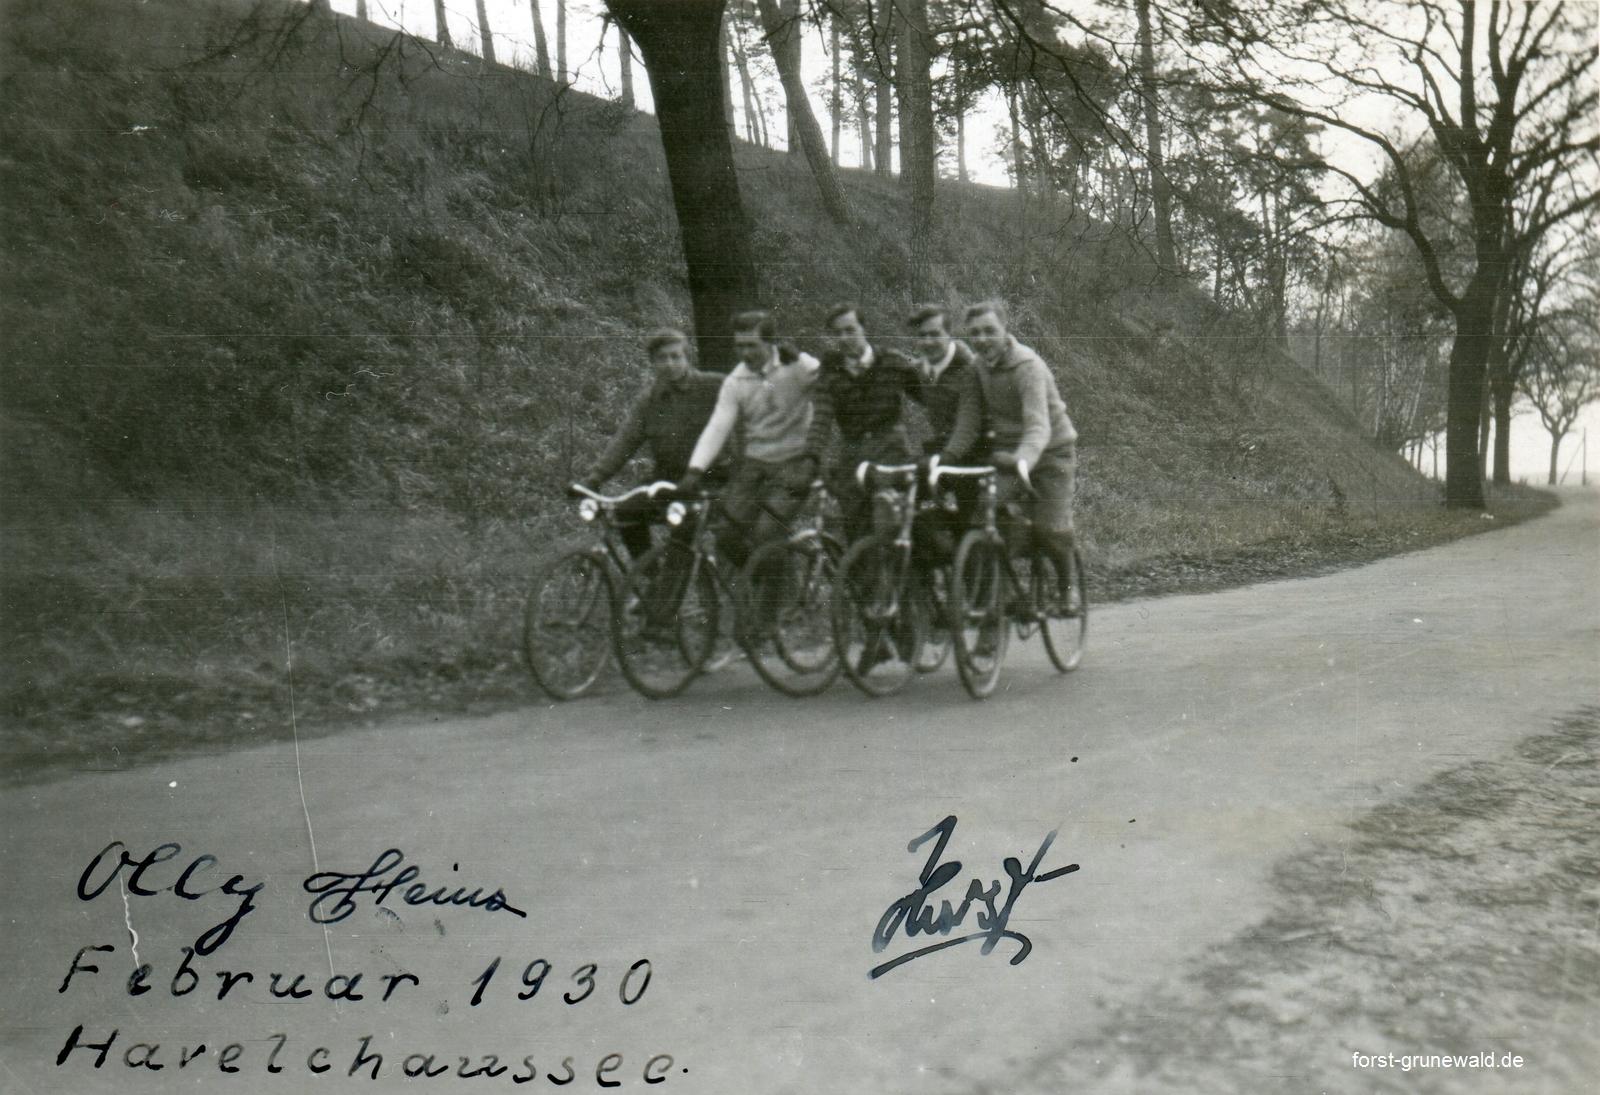 1930-02-00 Havelchaussee Olly Heinz Horst klein